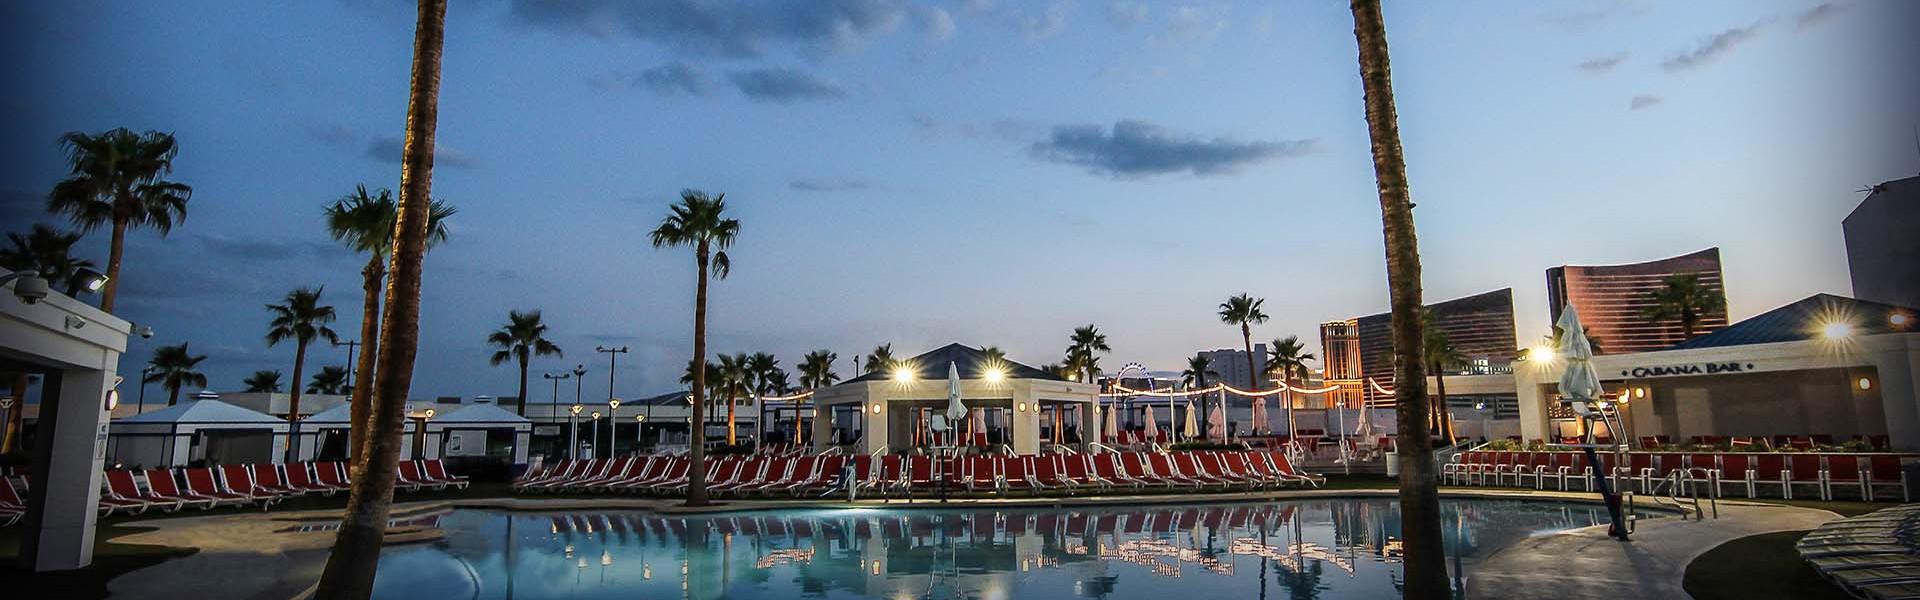 Westgate Las Vegas Resort & Casino | Westgate Resorts